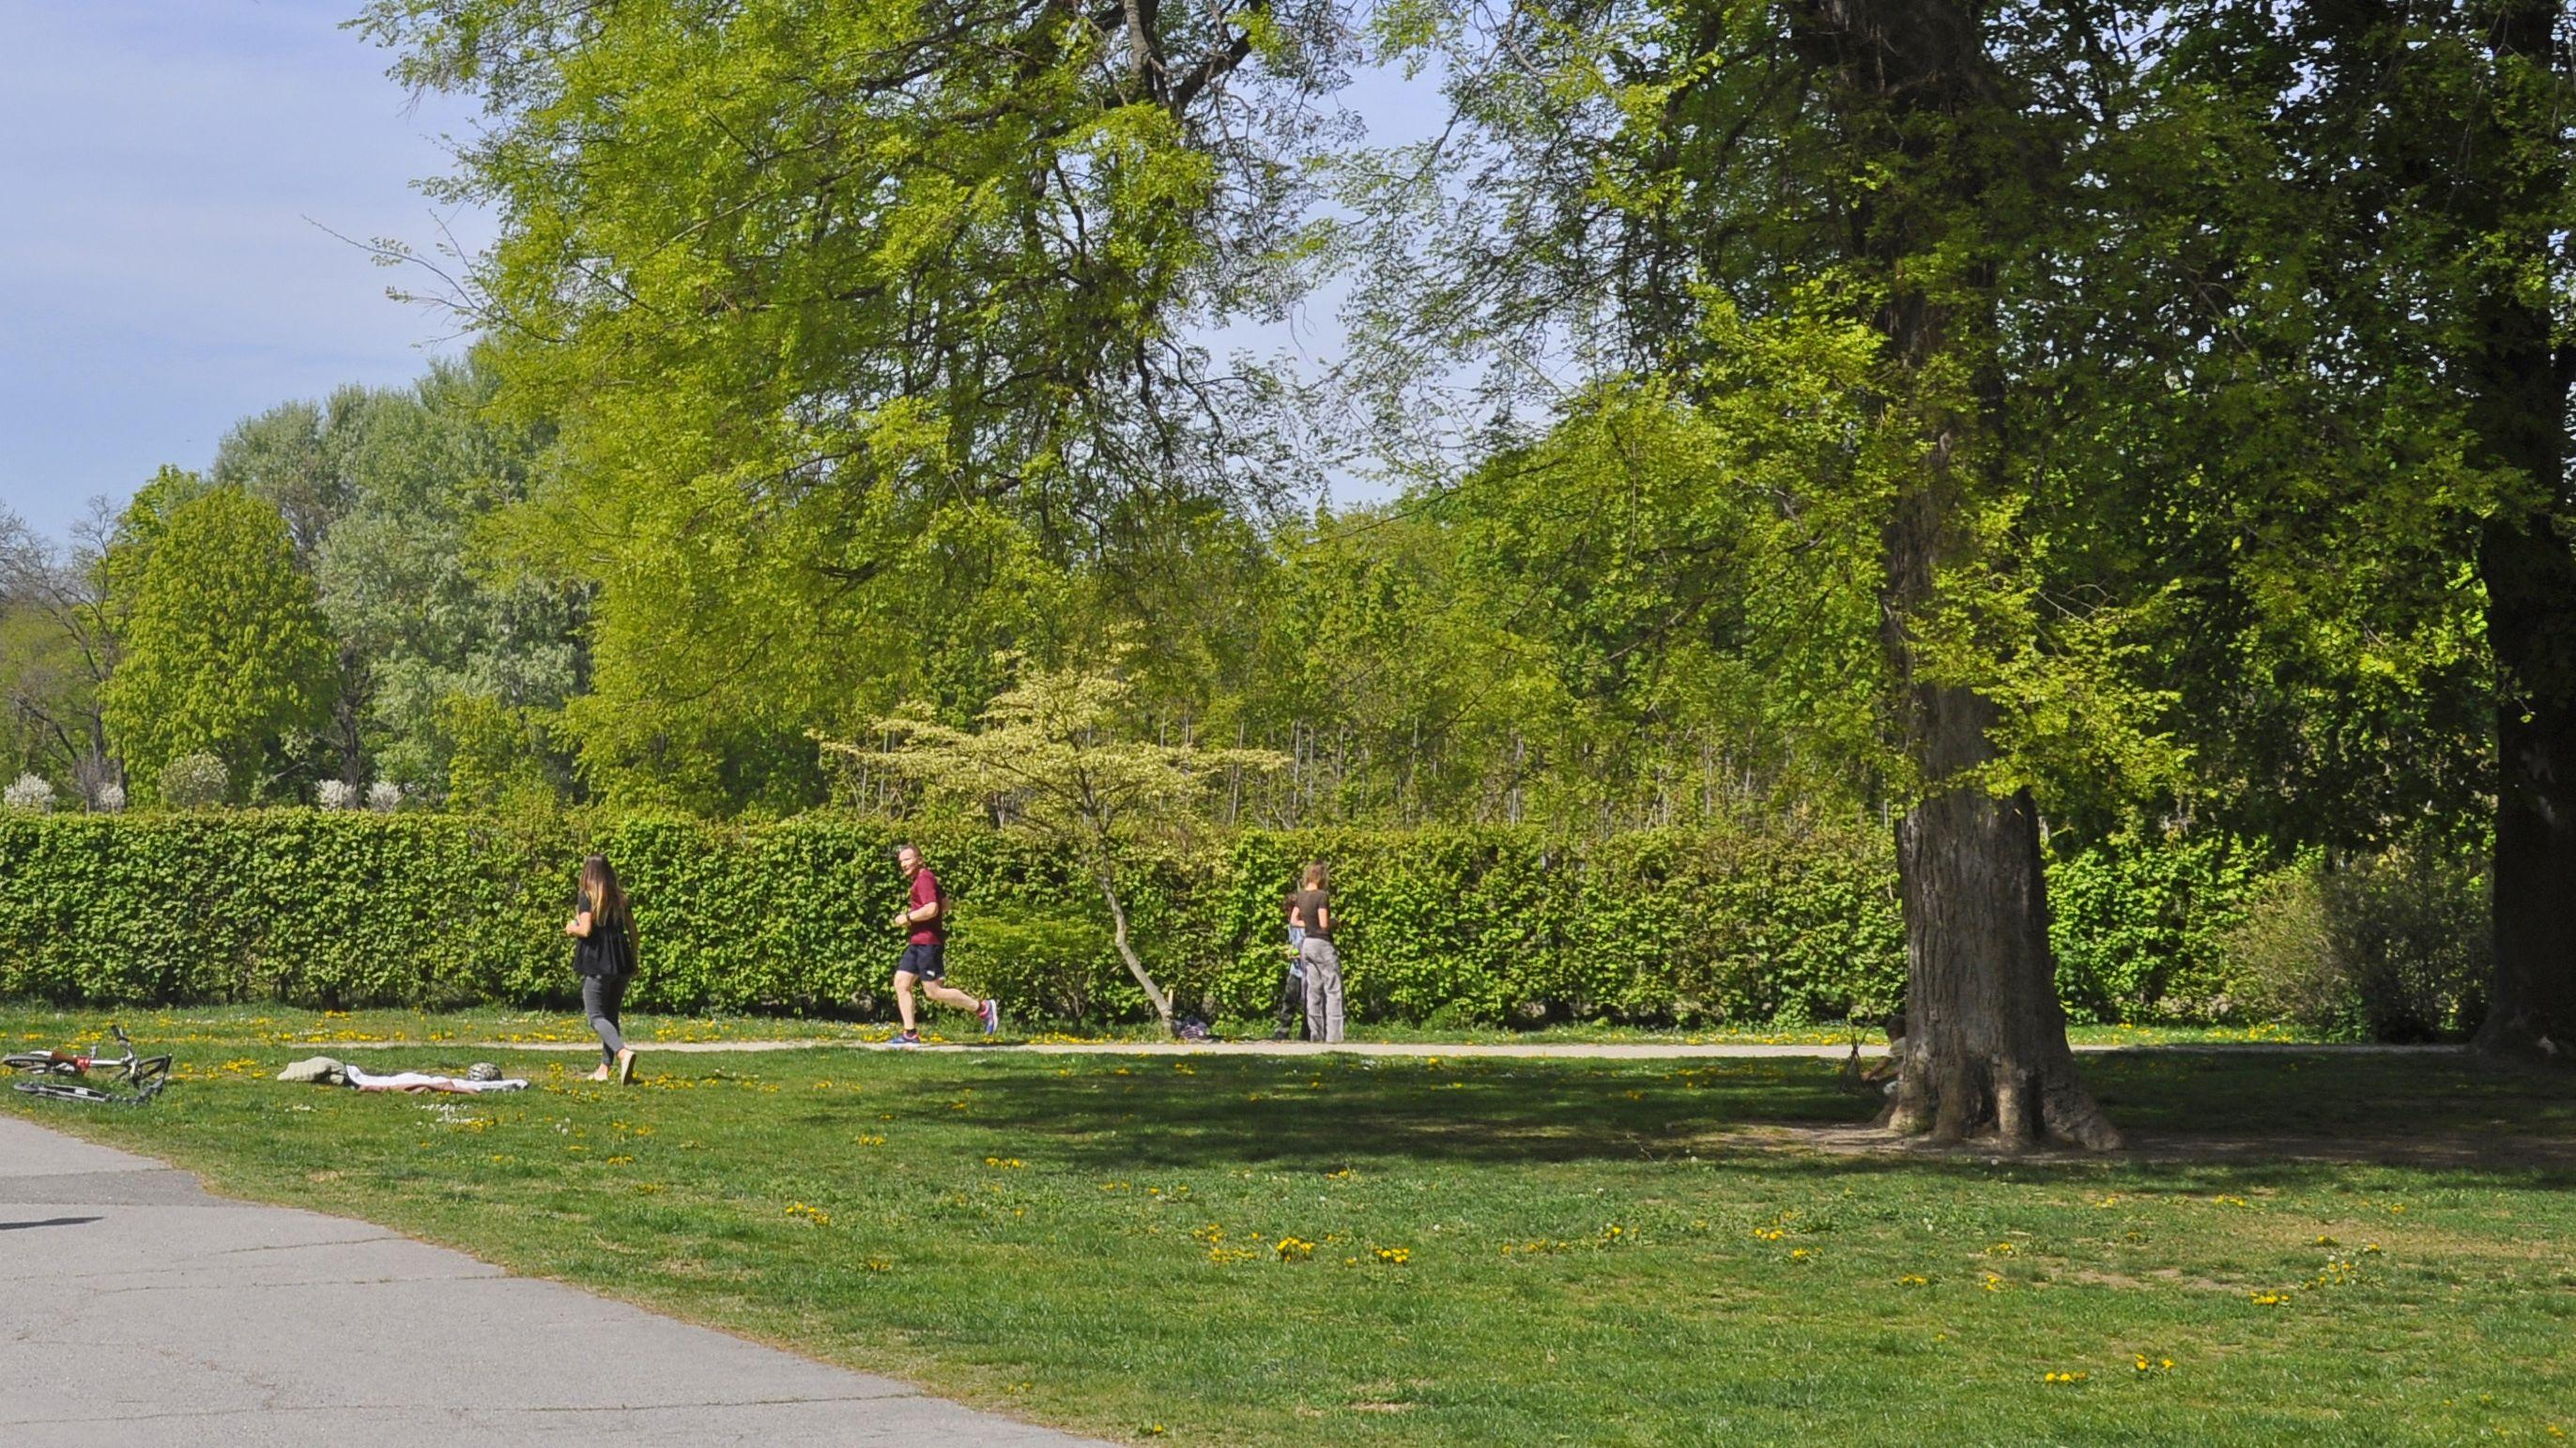 Vereinzelte Spaziergänger oder Jogger auf einer grünen Wiese